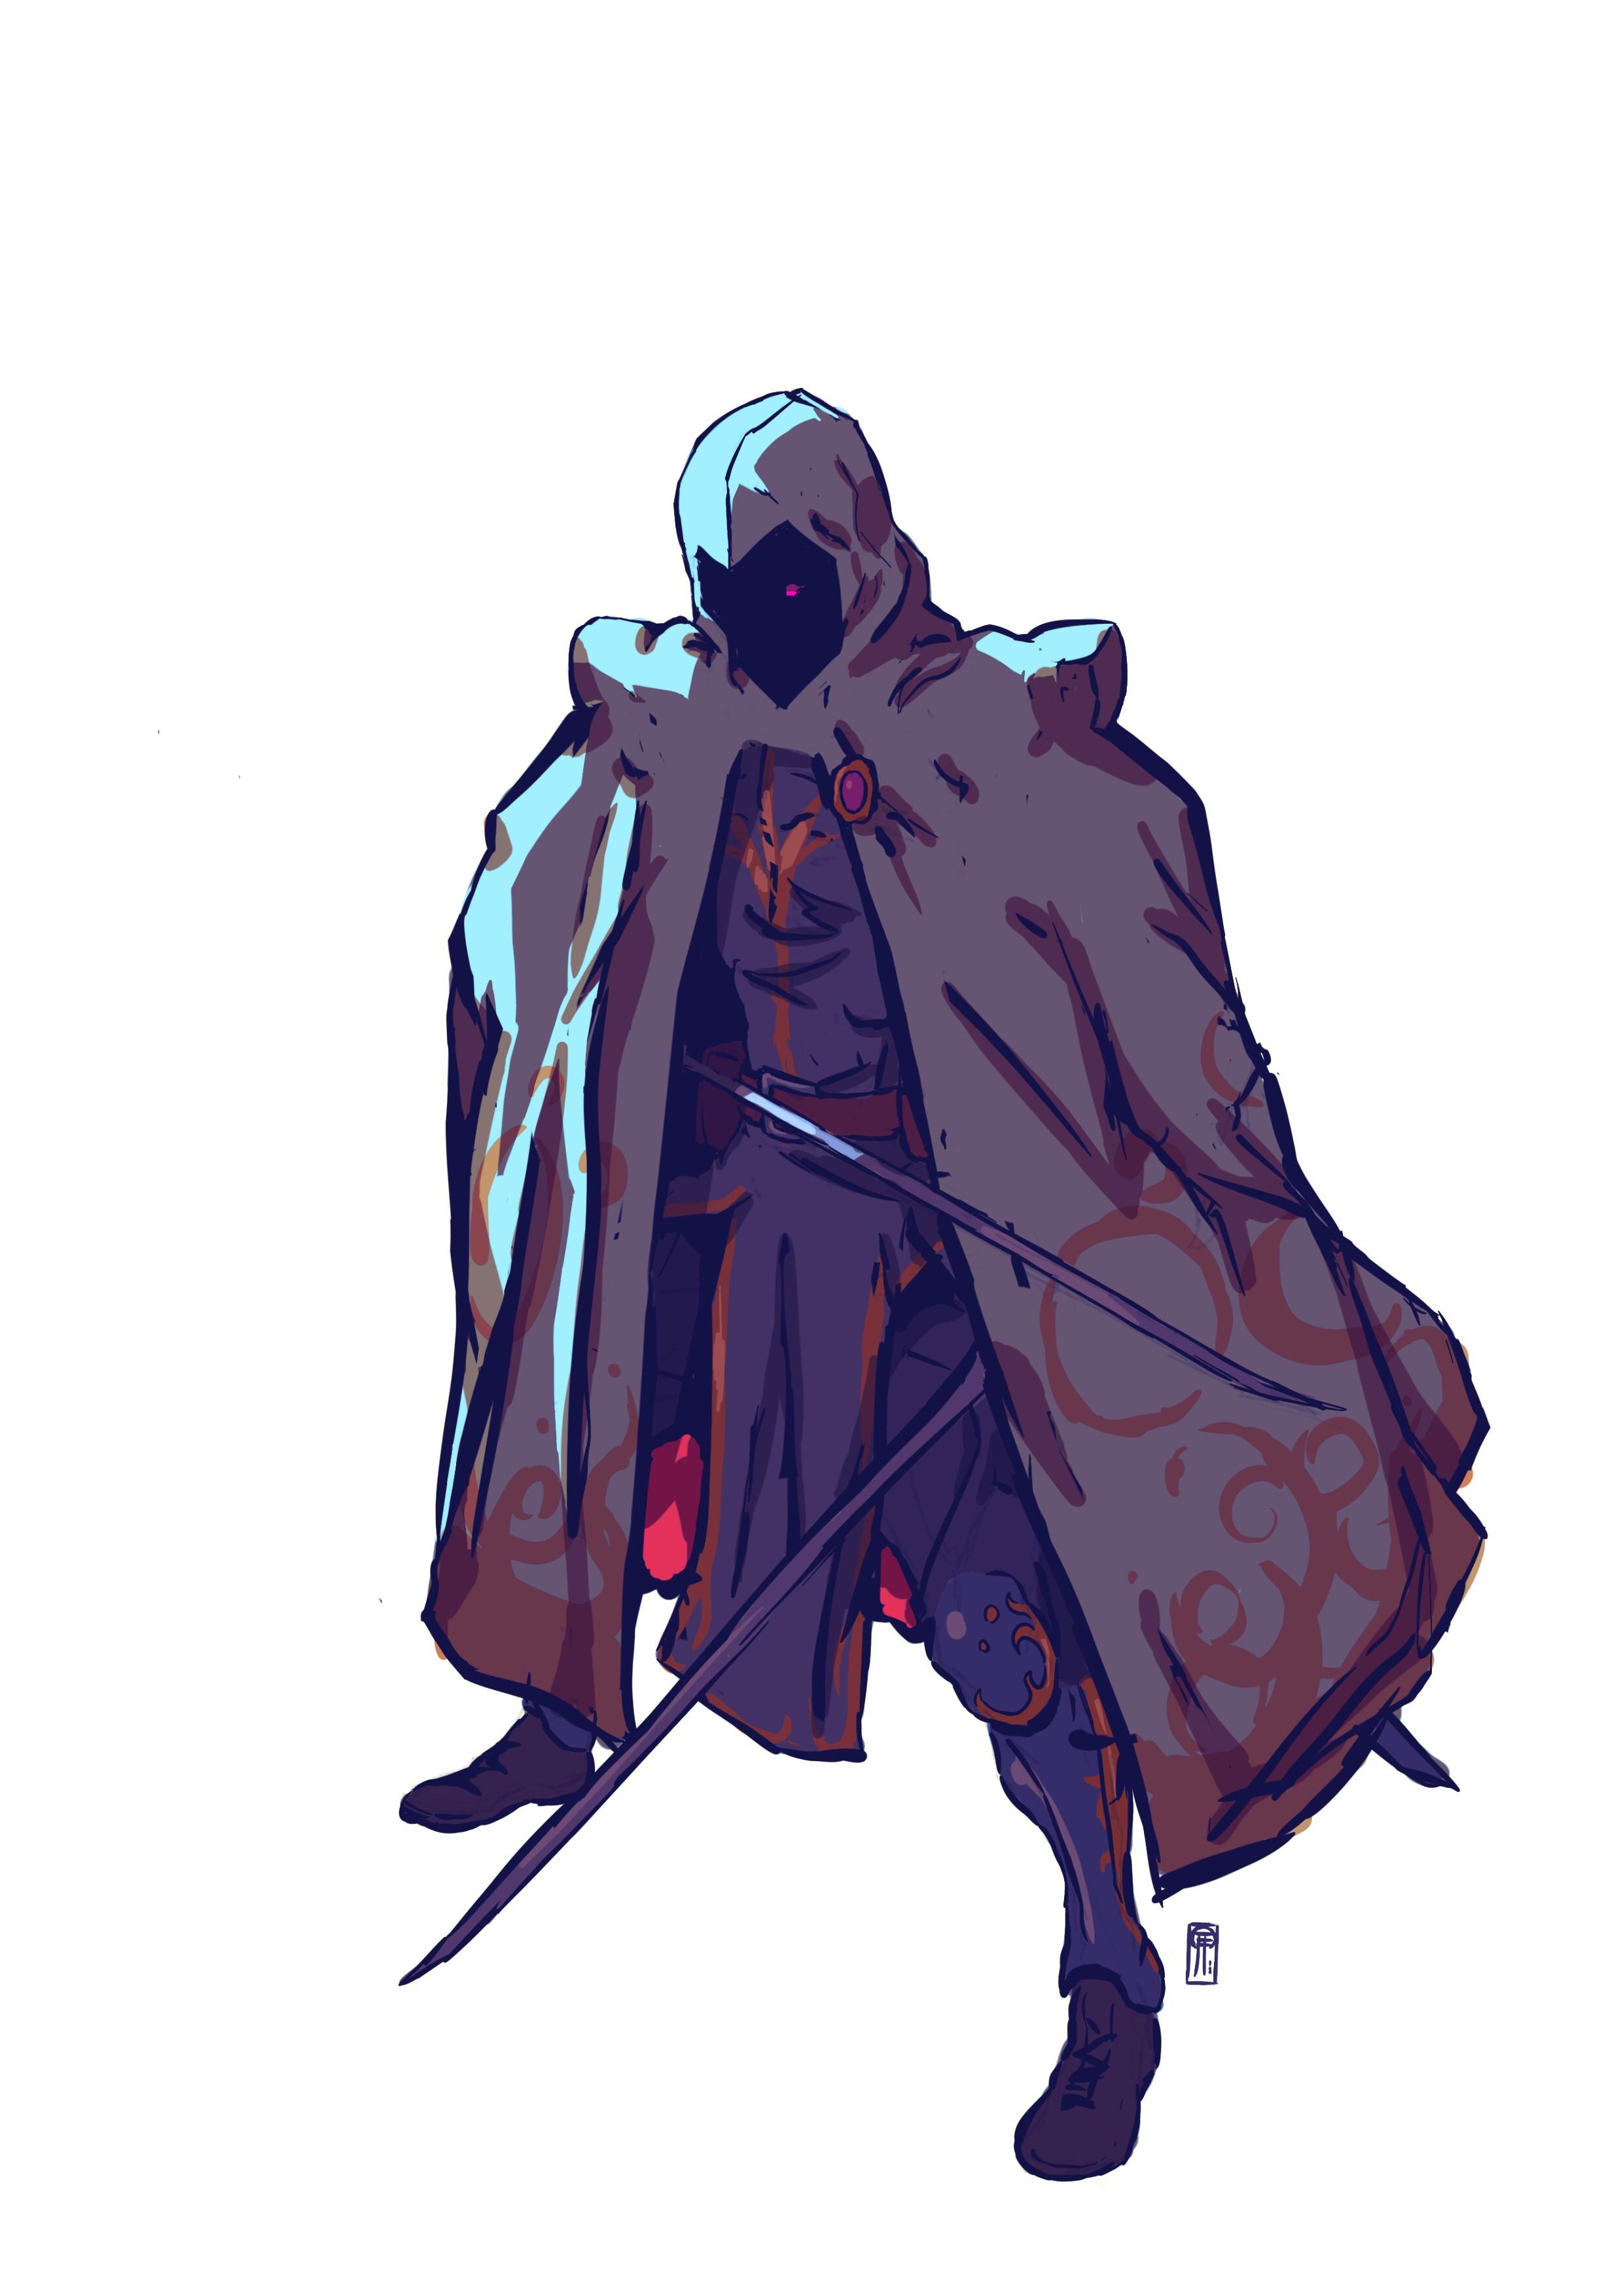 Threshold duelist.